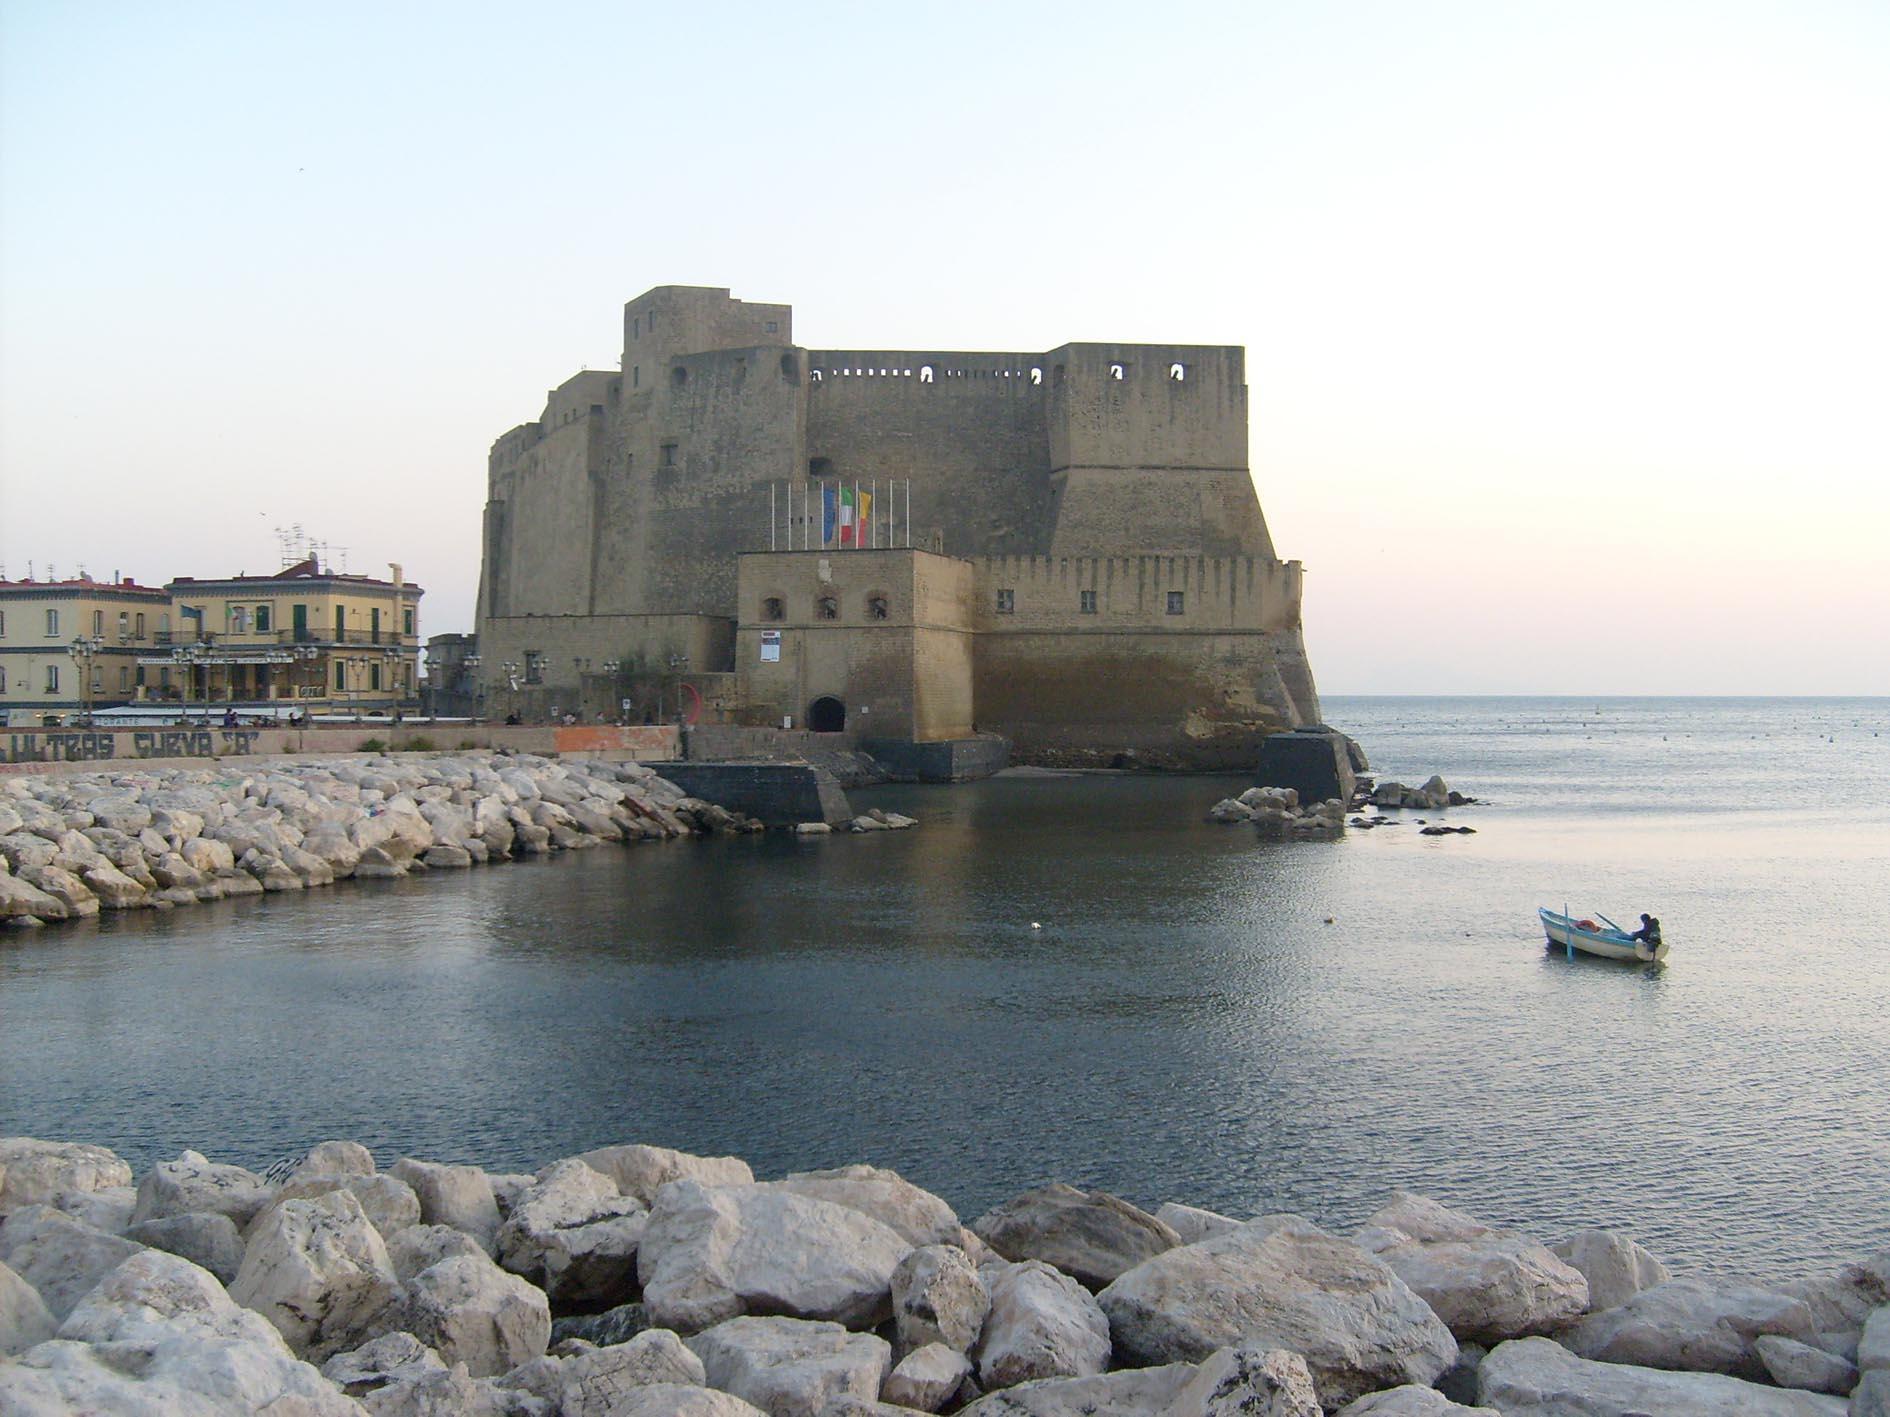 Maggio dei monumenti i castelli di Napoli  9travels